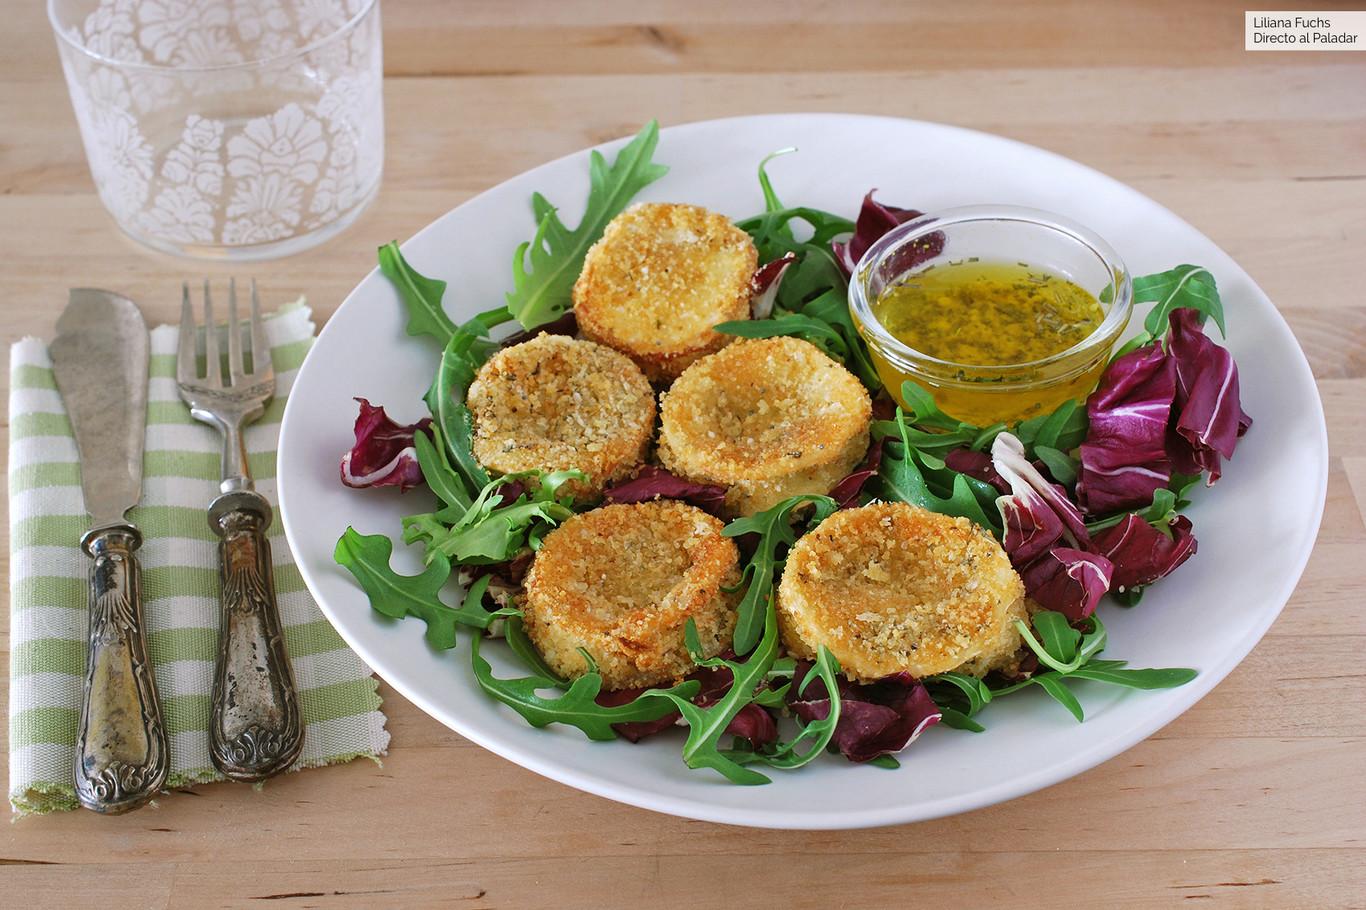 Medallones provenzales de queso de cabra crujiente al horno: receta para enriquecer las ensaladas o picotear